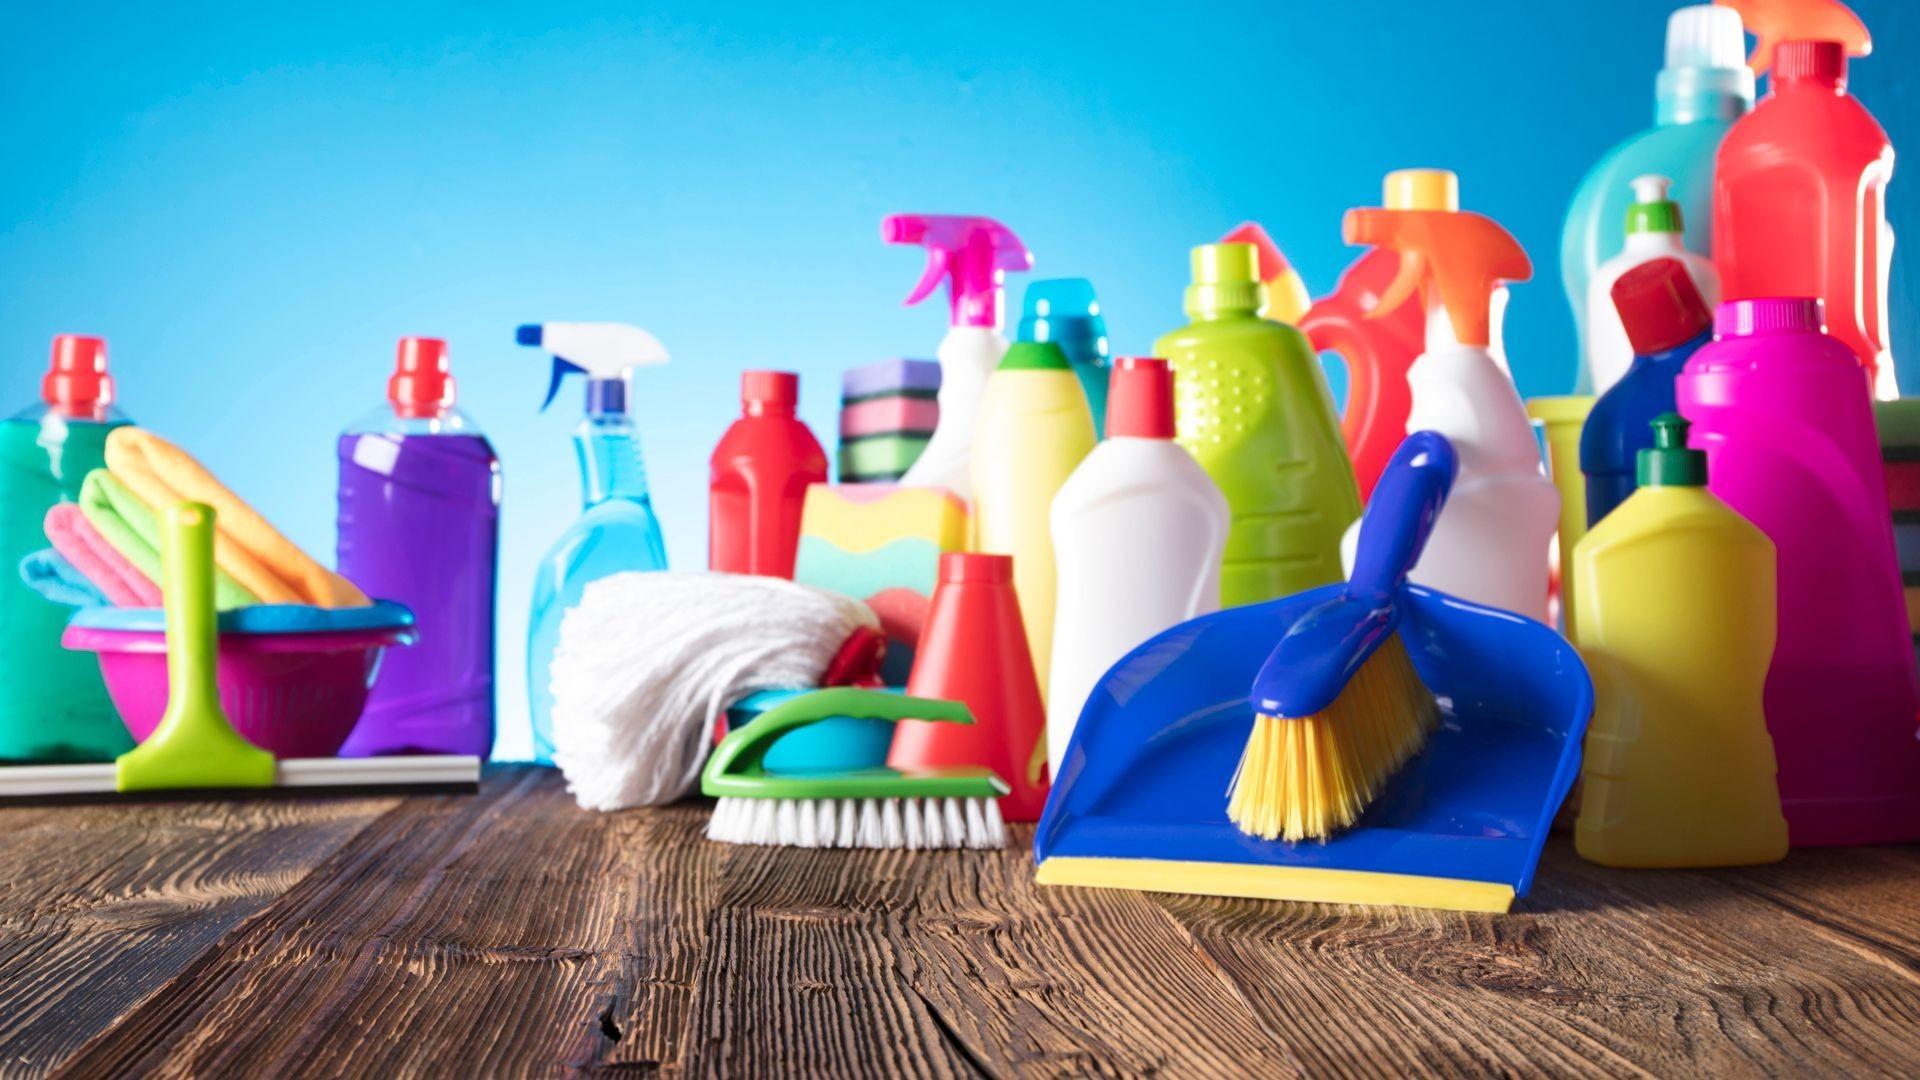 Empresa de distribución de productos de limpieza en Madrid